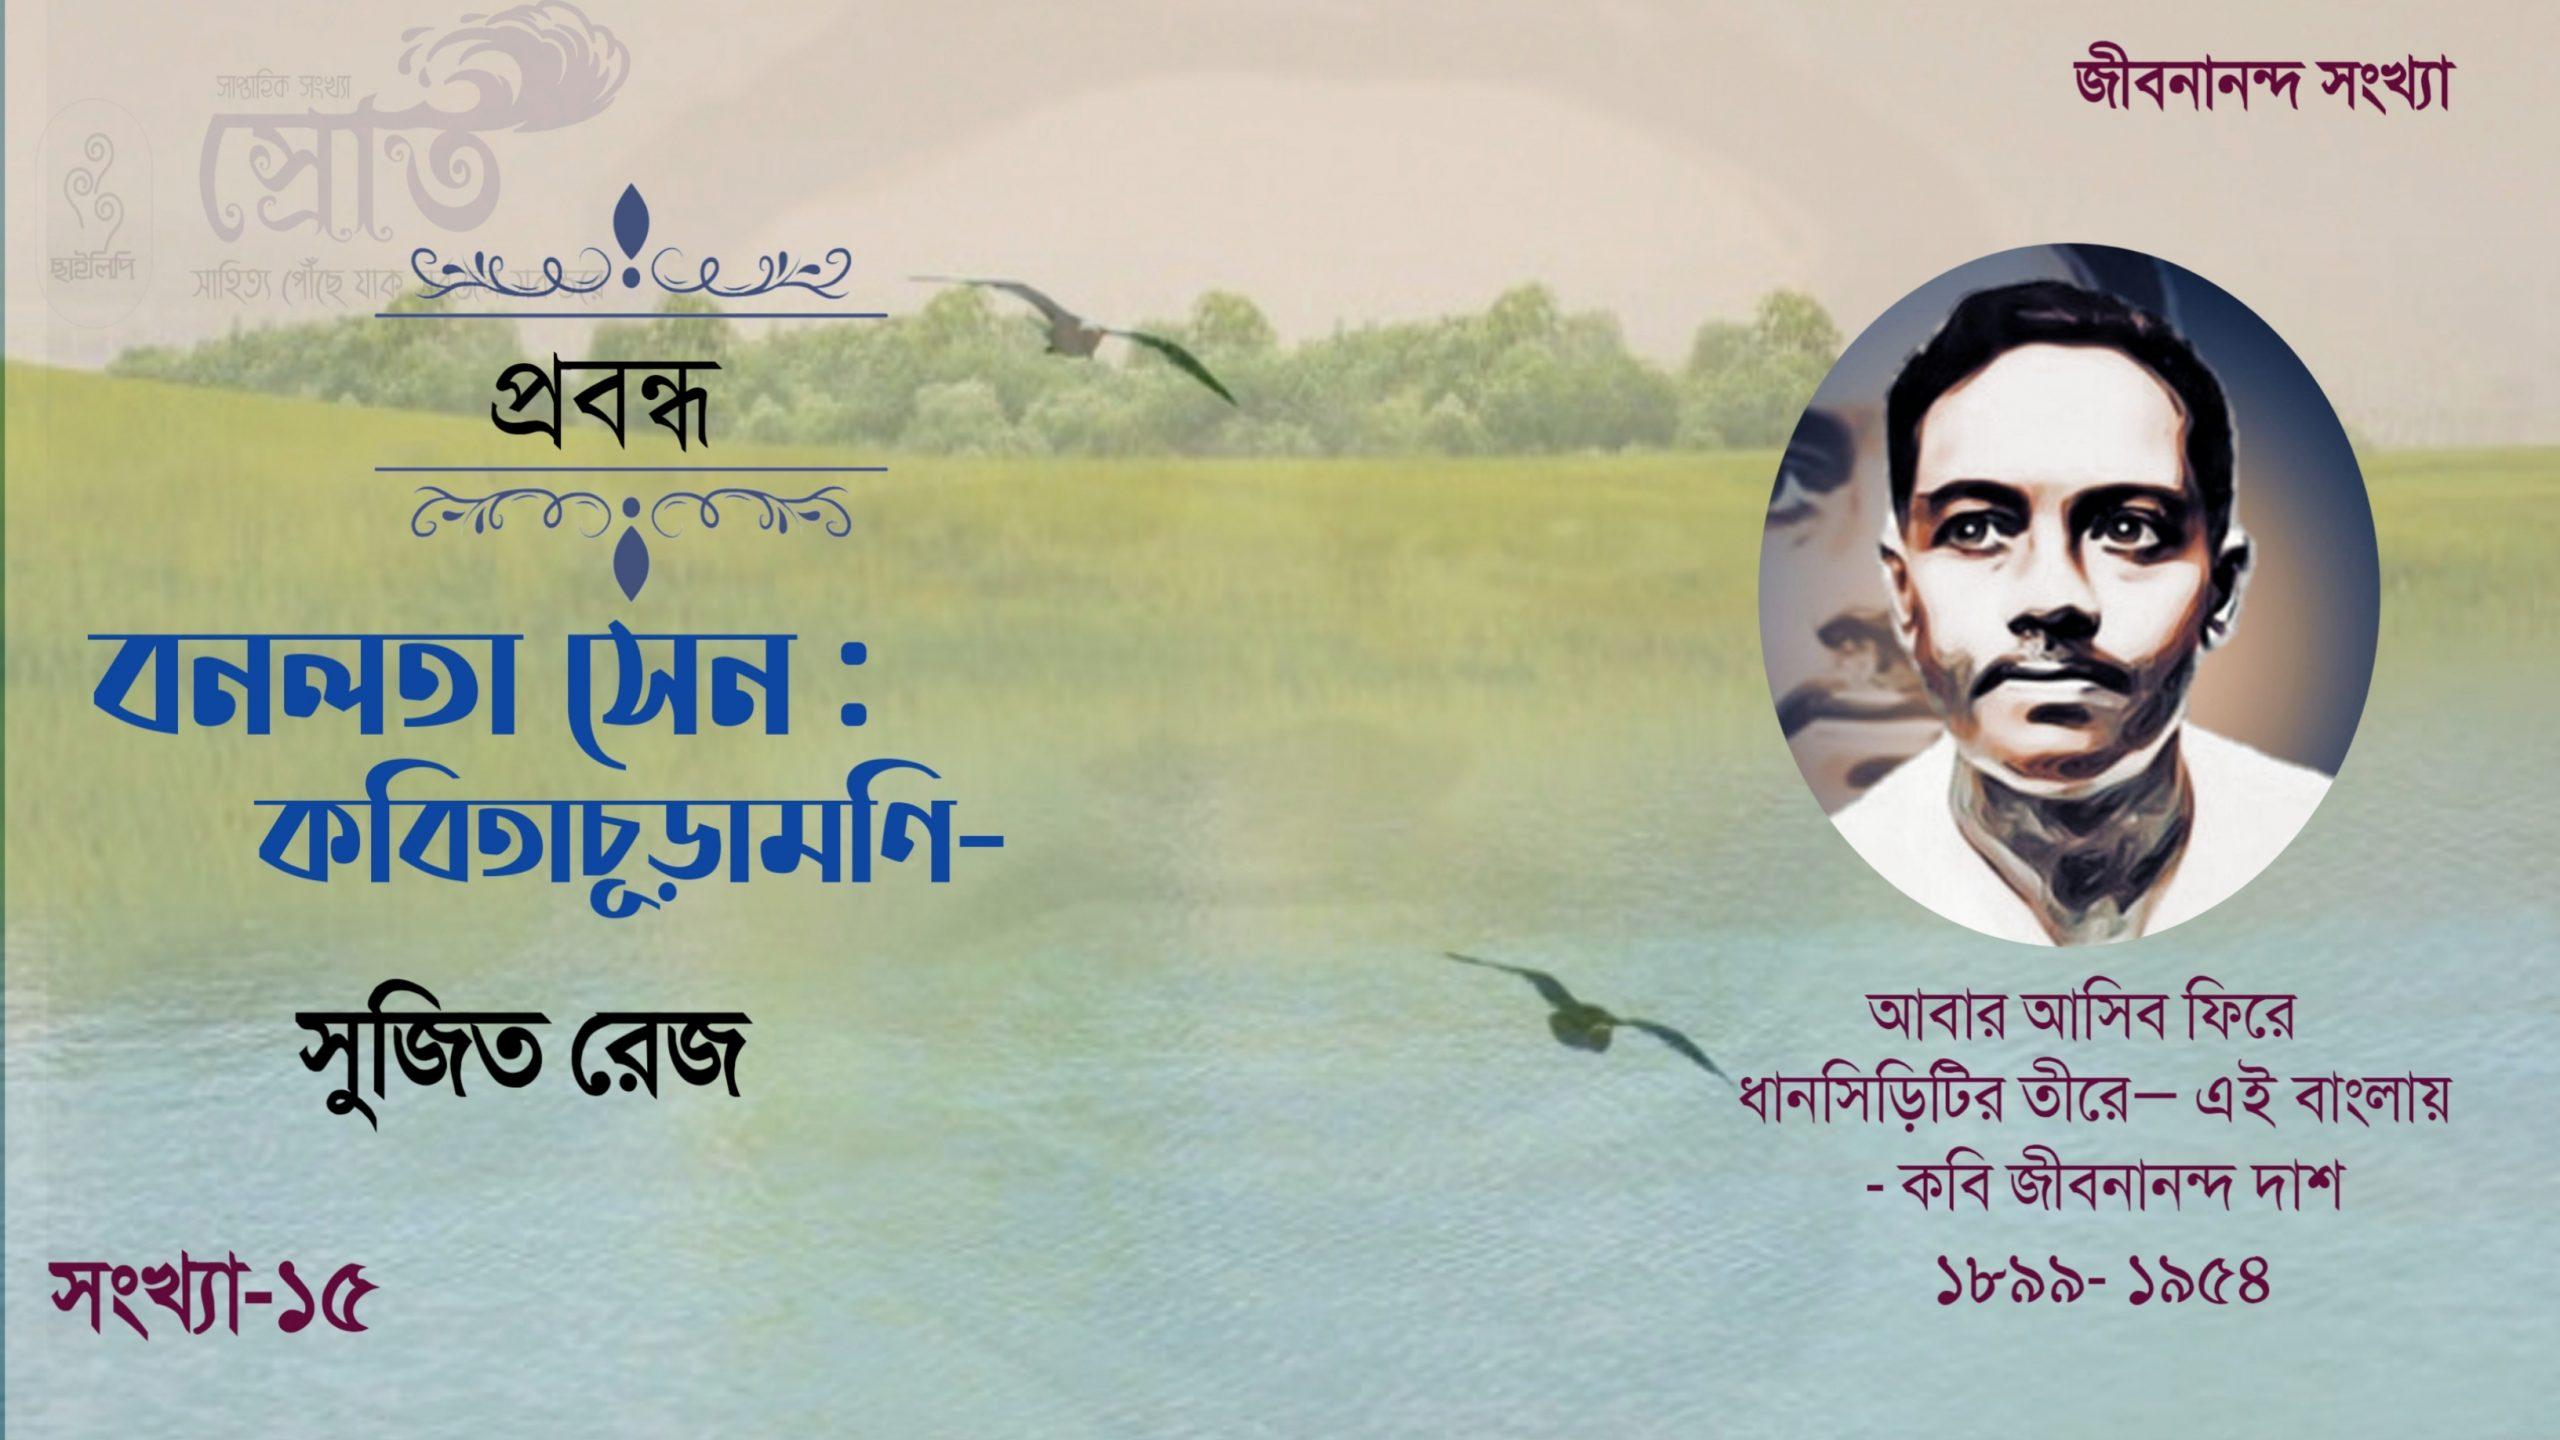 বনলতা সেন : কবিতাচূড়ামণি